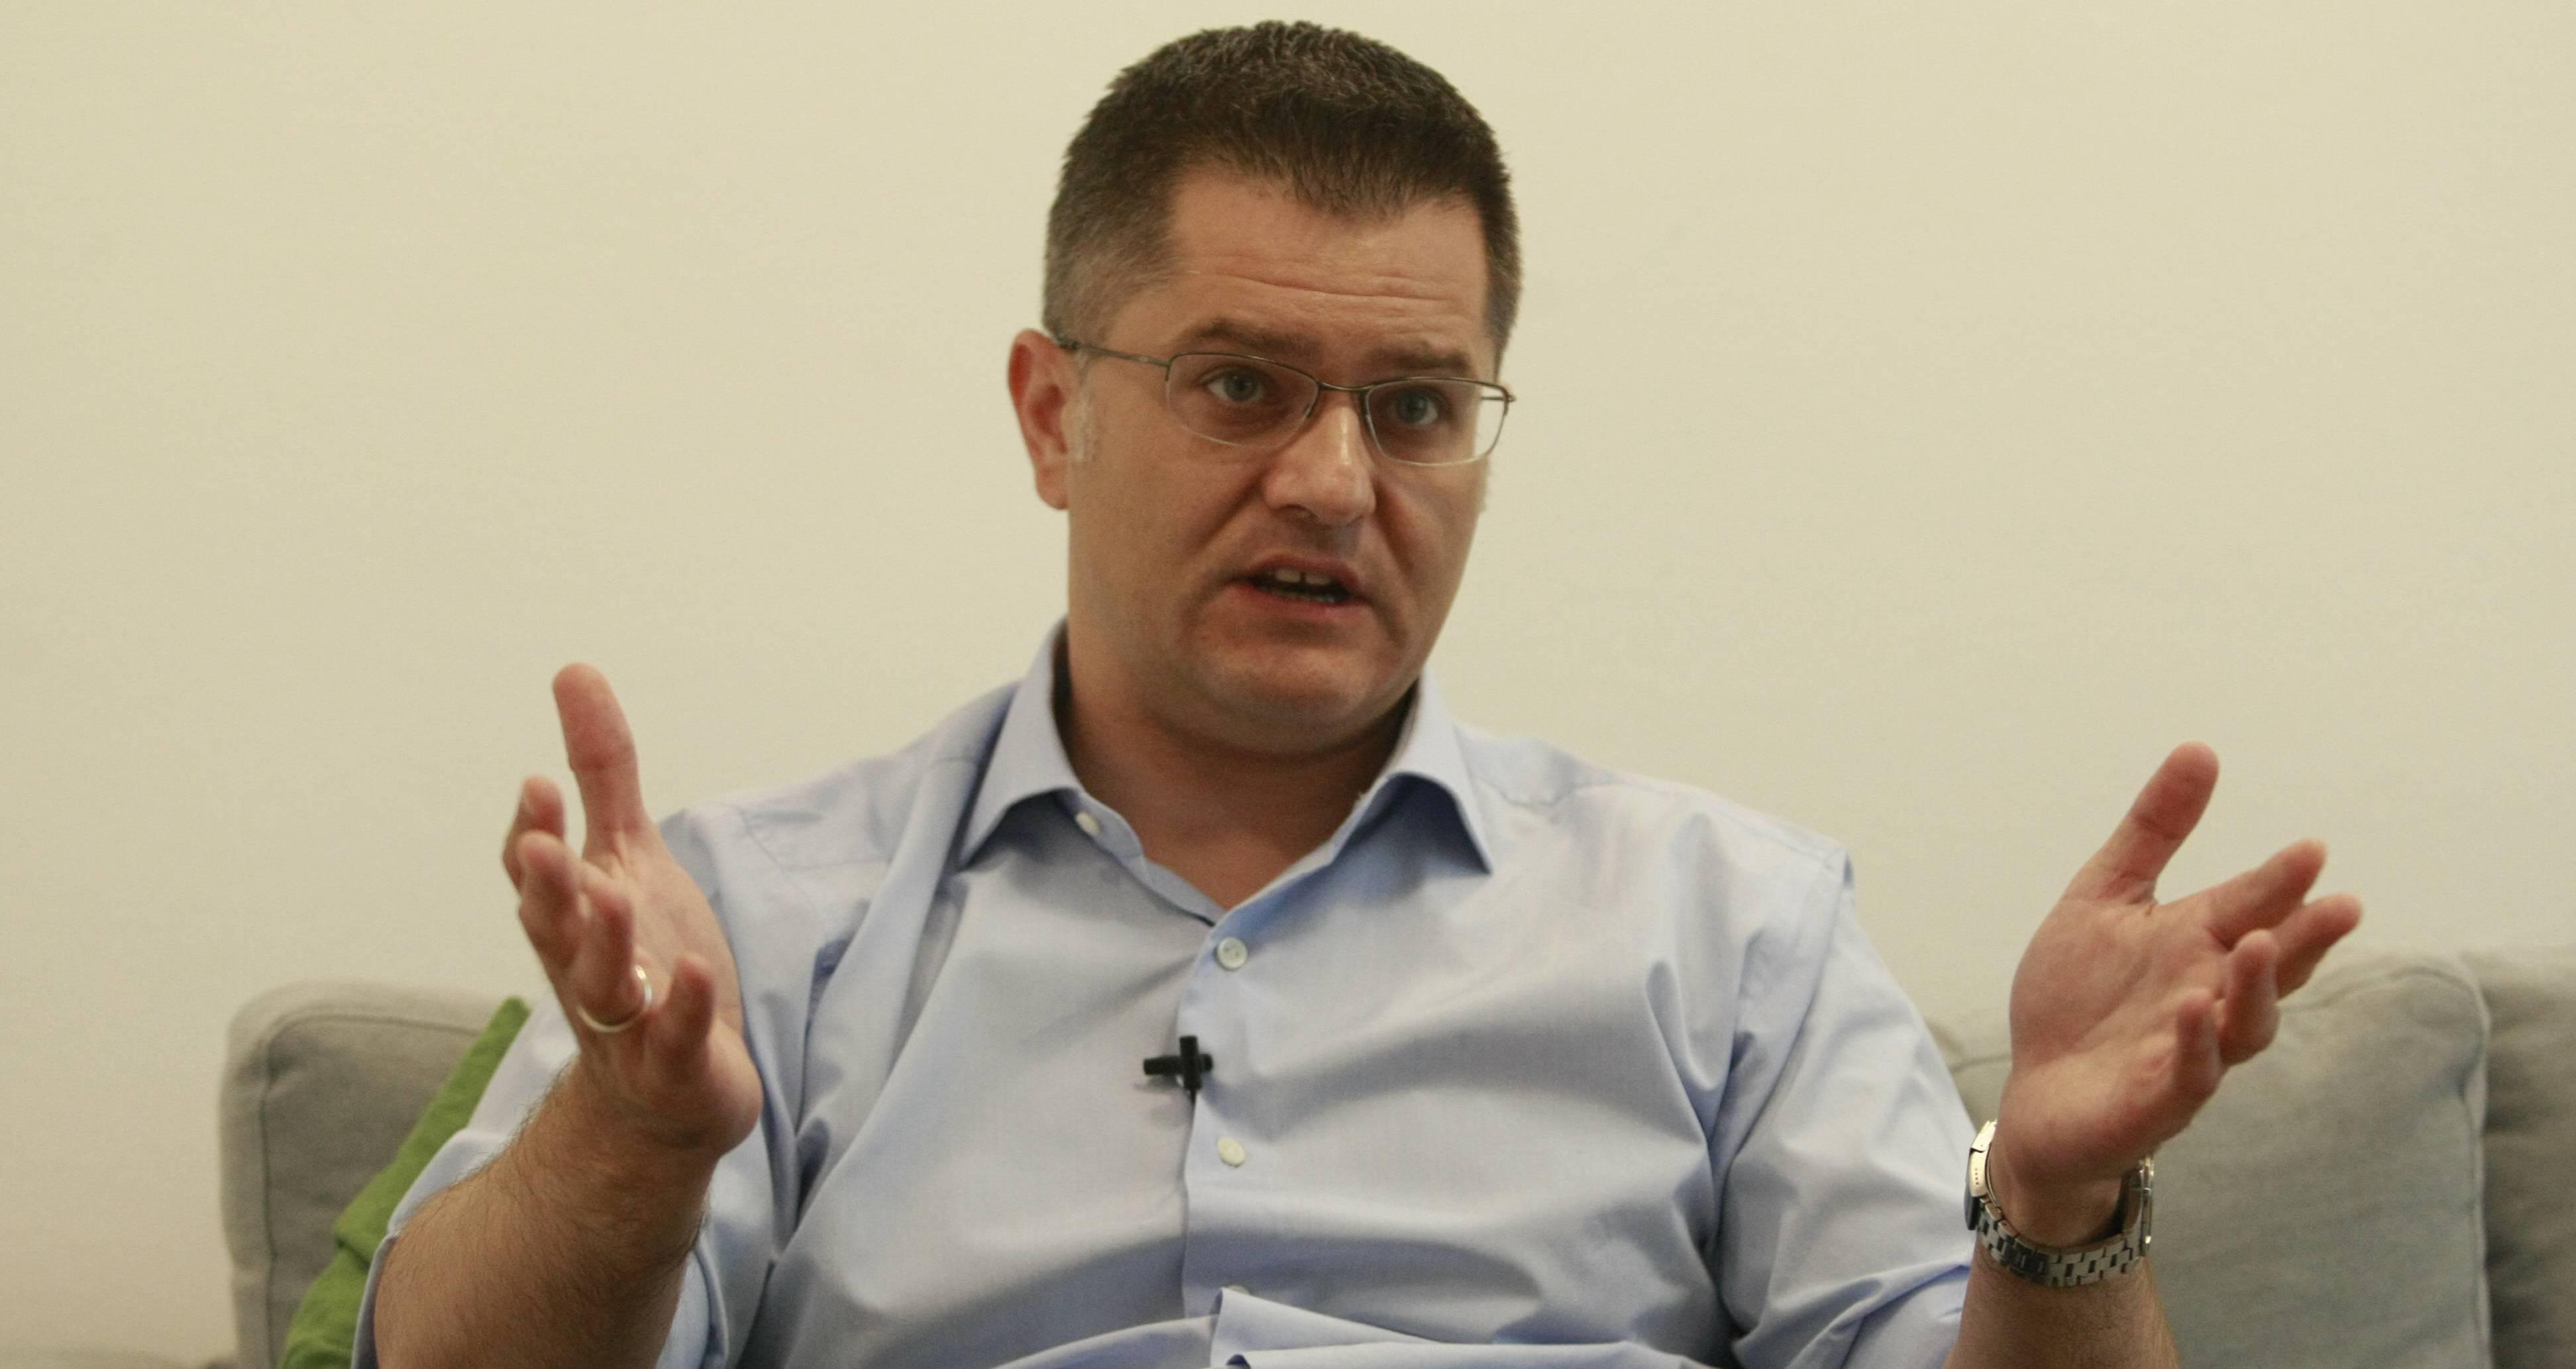 Јеремић за Бету: После упозорења Народне странке, Вучић тражи да се са Приштином разговара о српској имовини